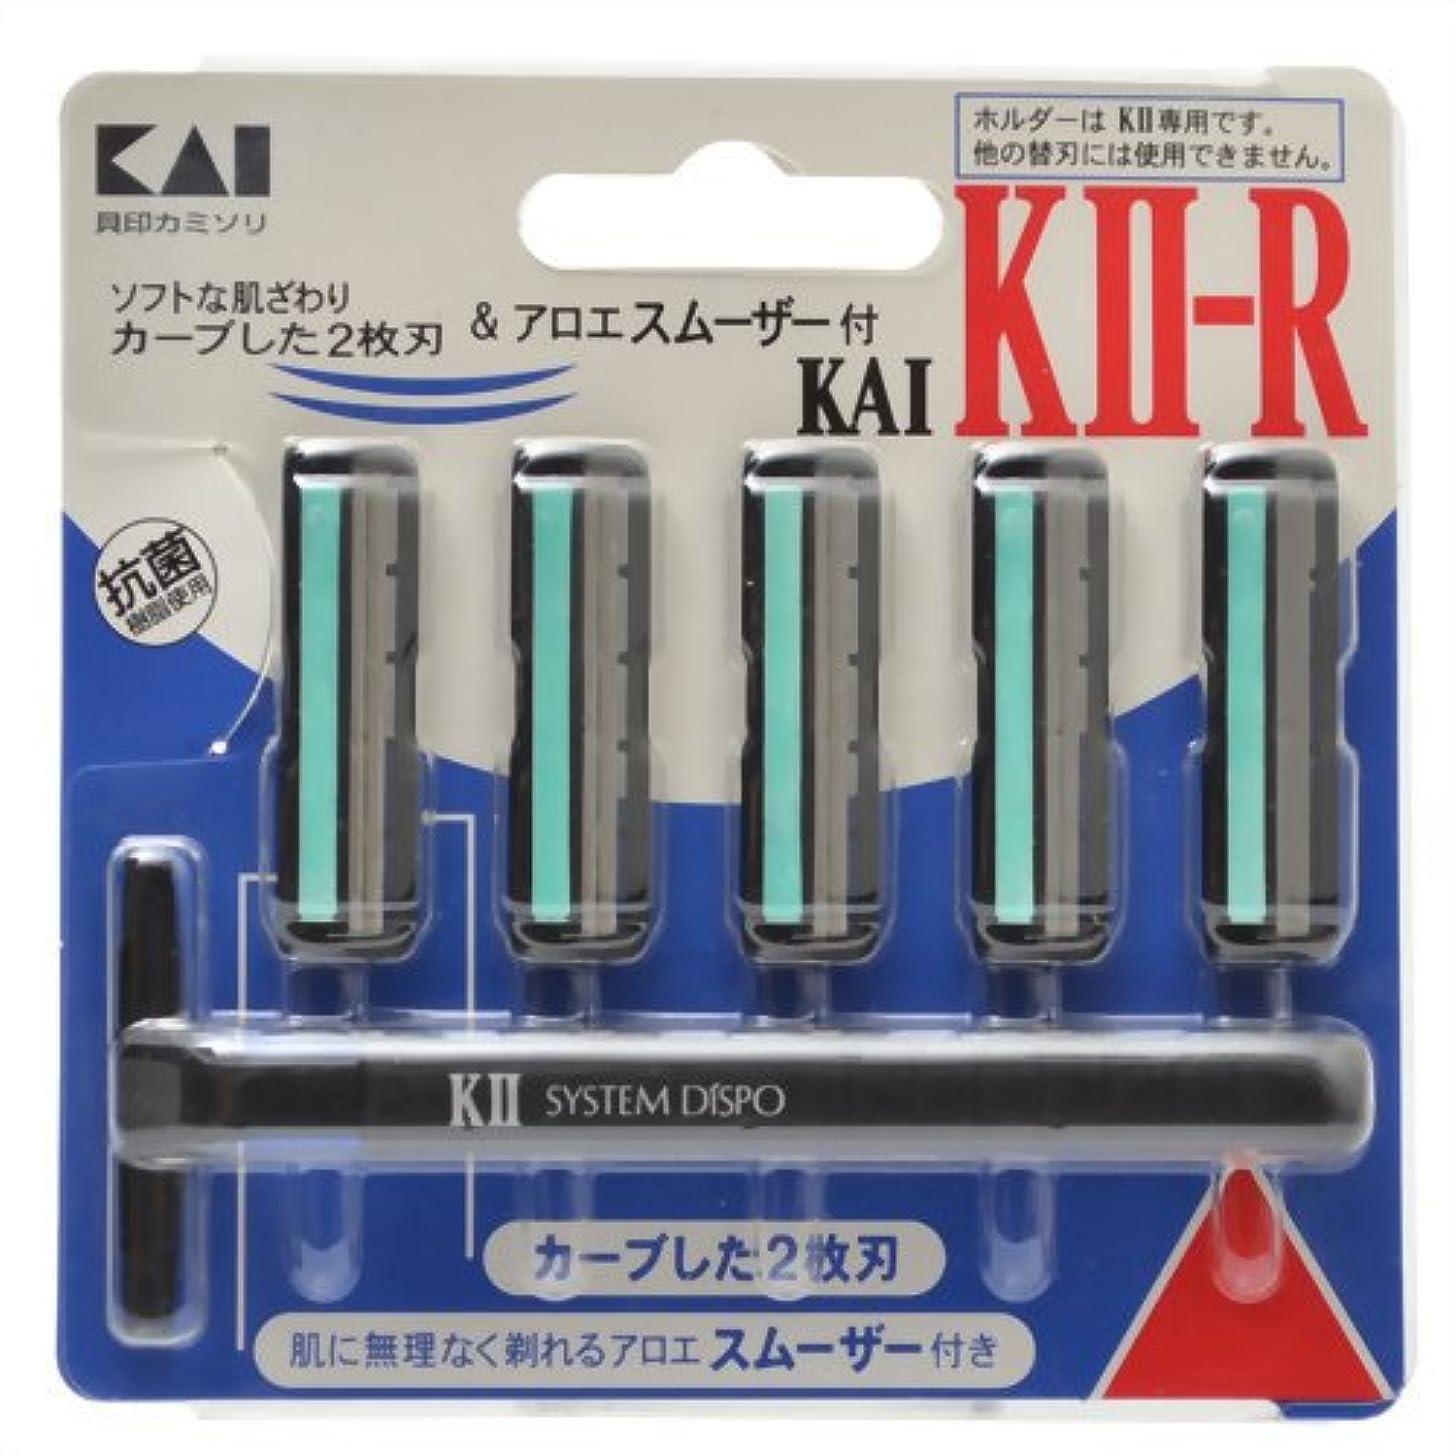 のためにボア承知しました貝印 KAI KII-R ひげそり用カミソリ アロエスムーザー付